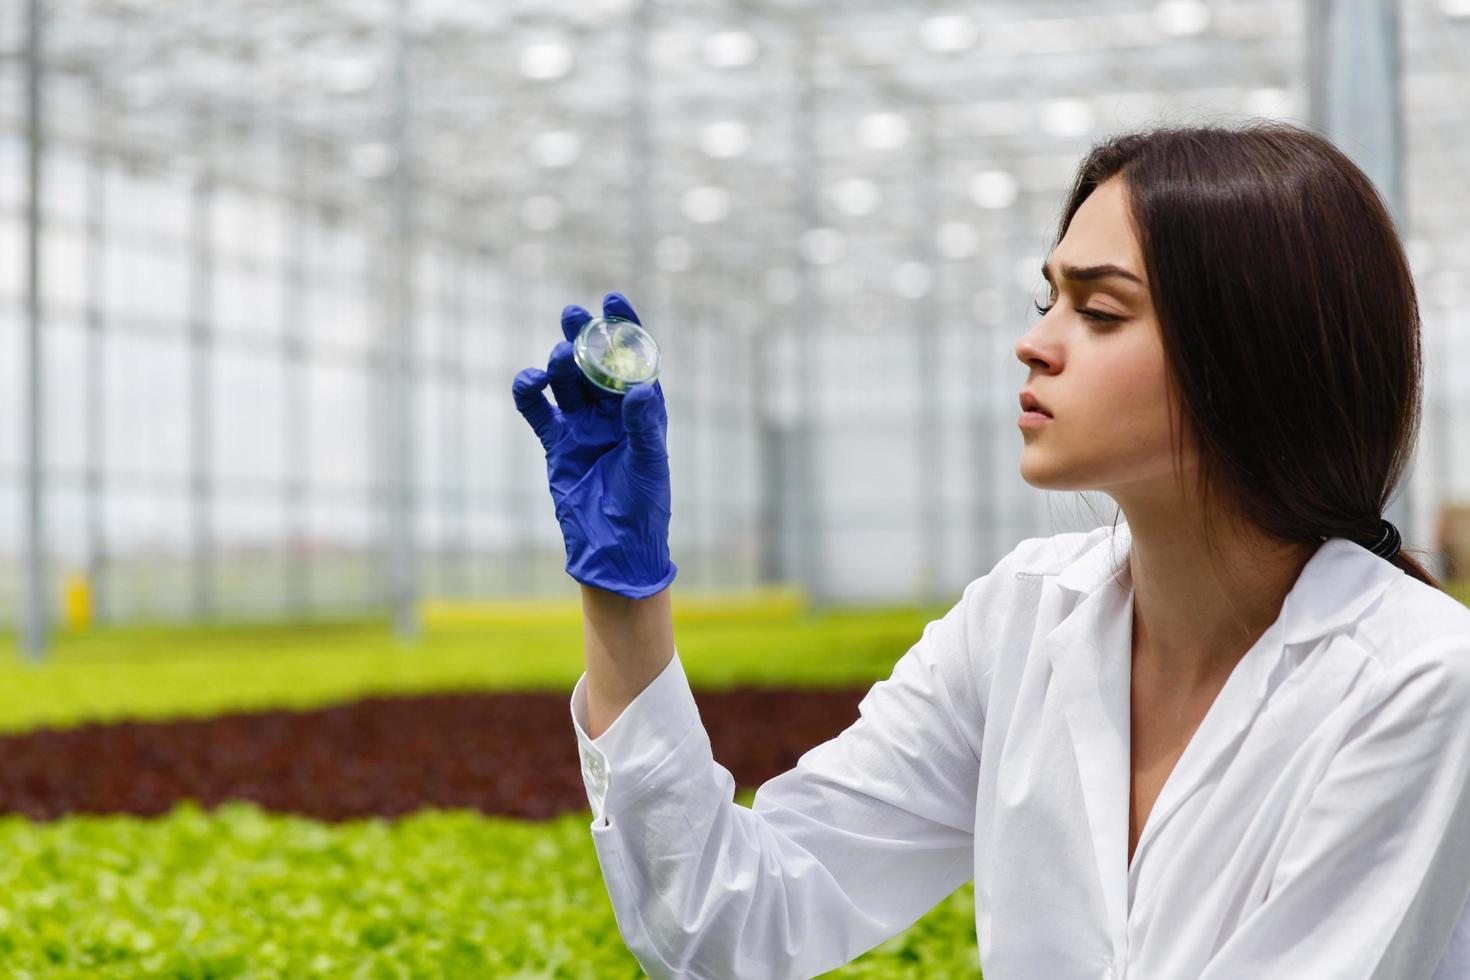 pesquisadora olhando para uma folhagem em uma placa de Petri foto